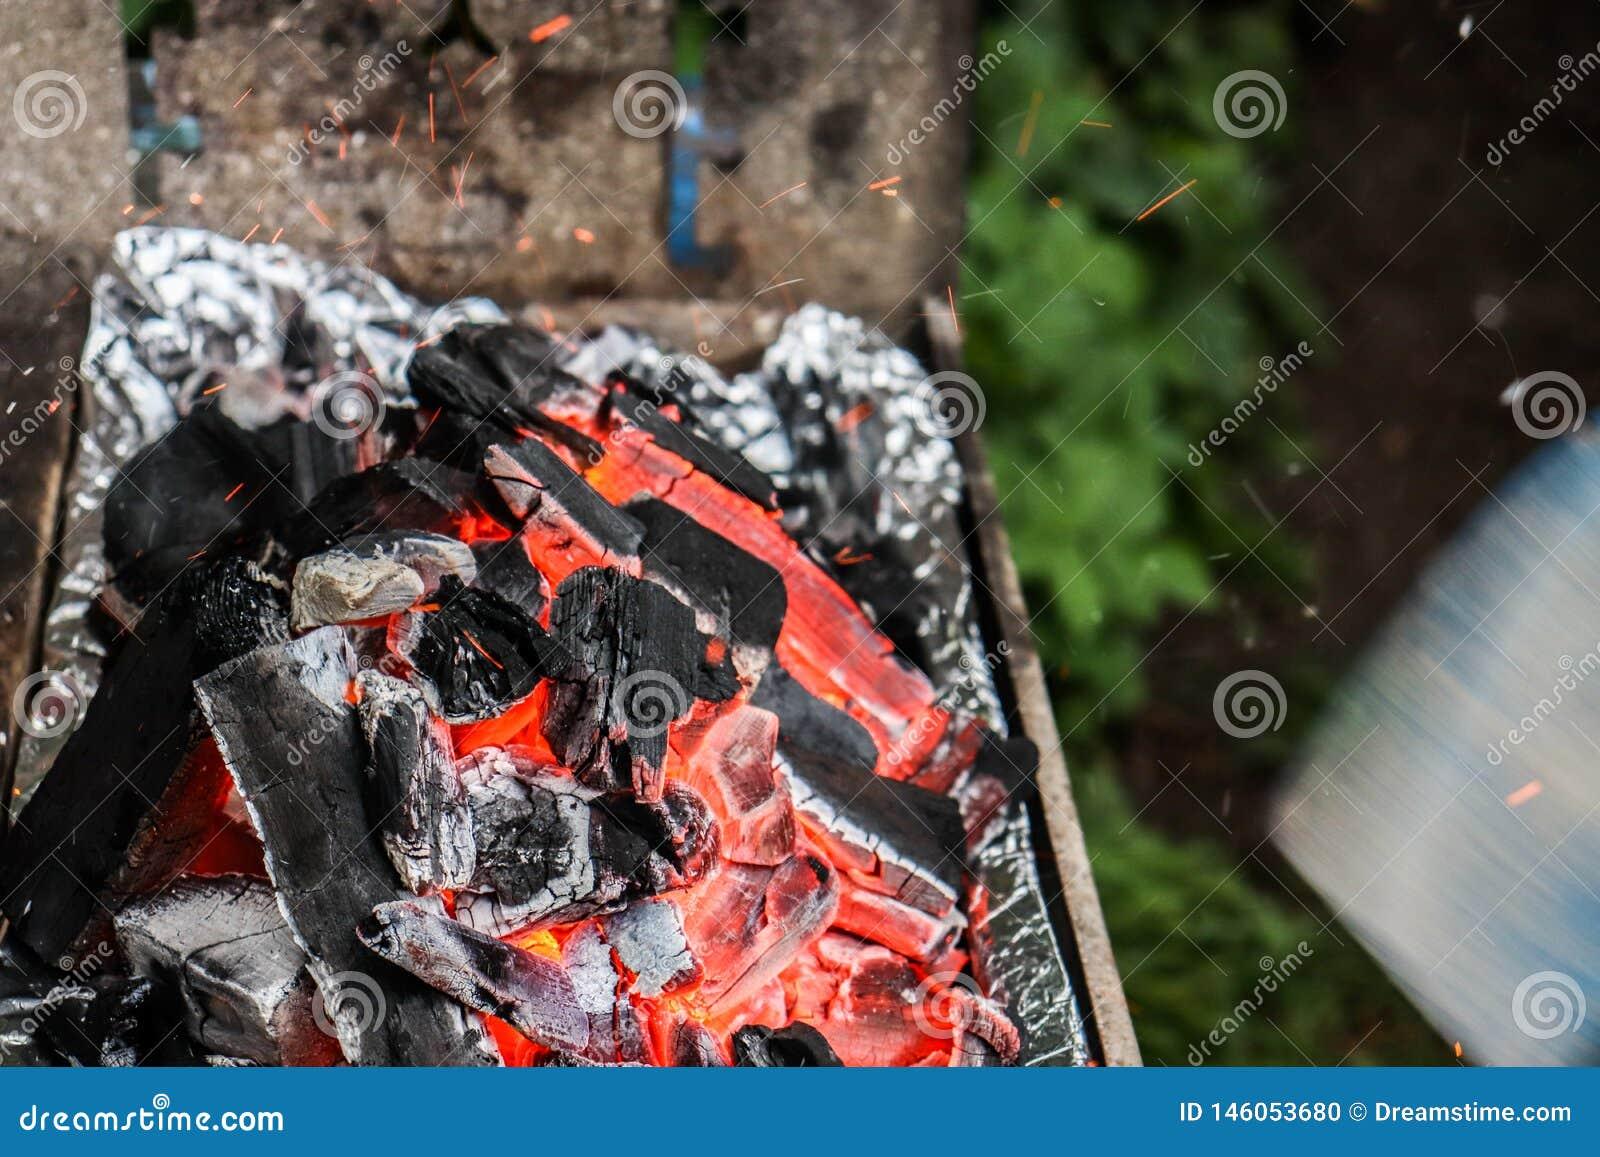 La moitié a brûlé le charbon avec des étincelles volant autour